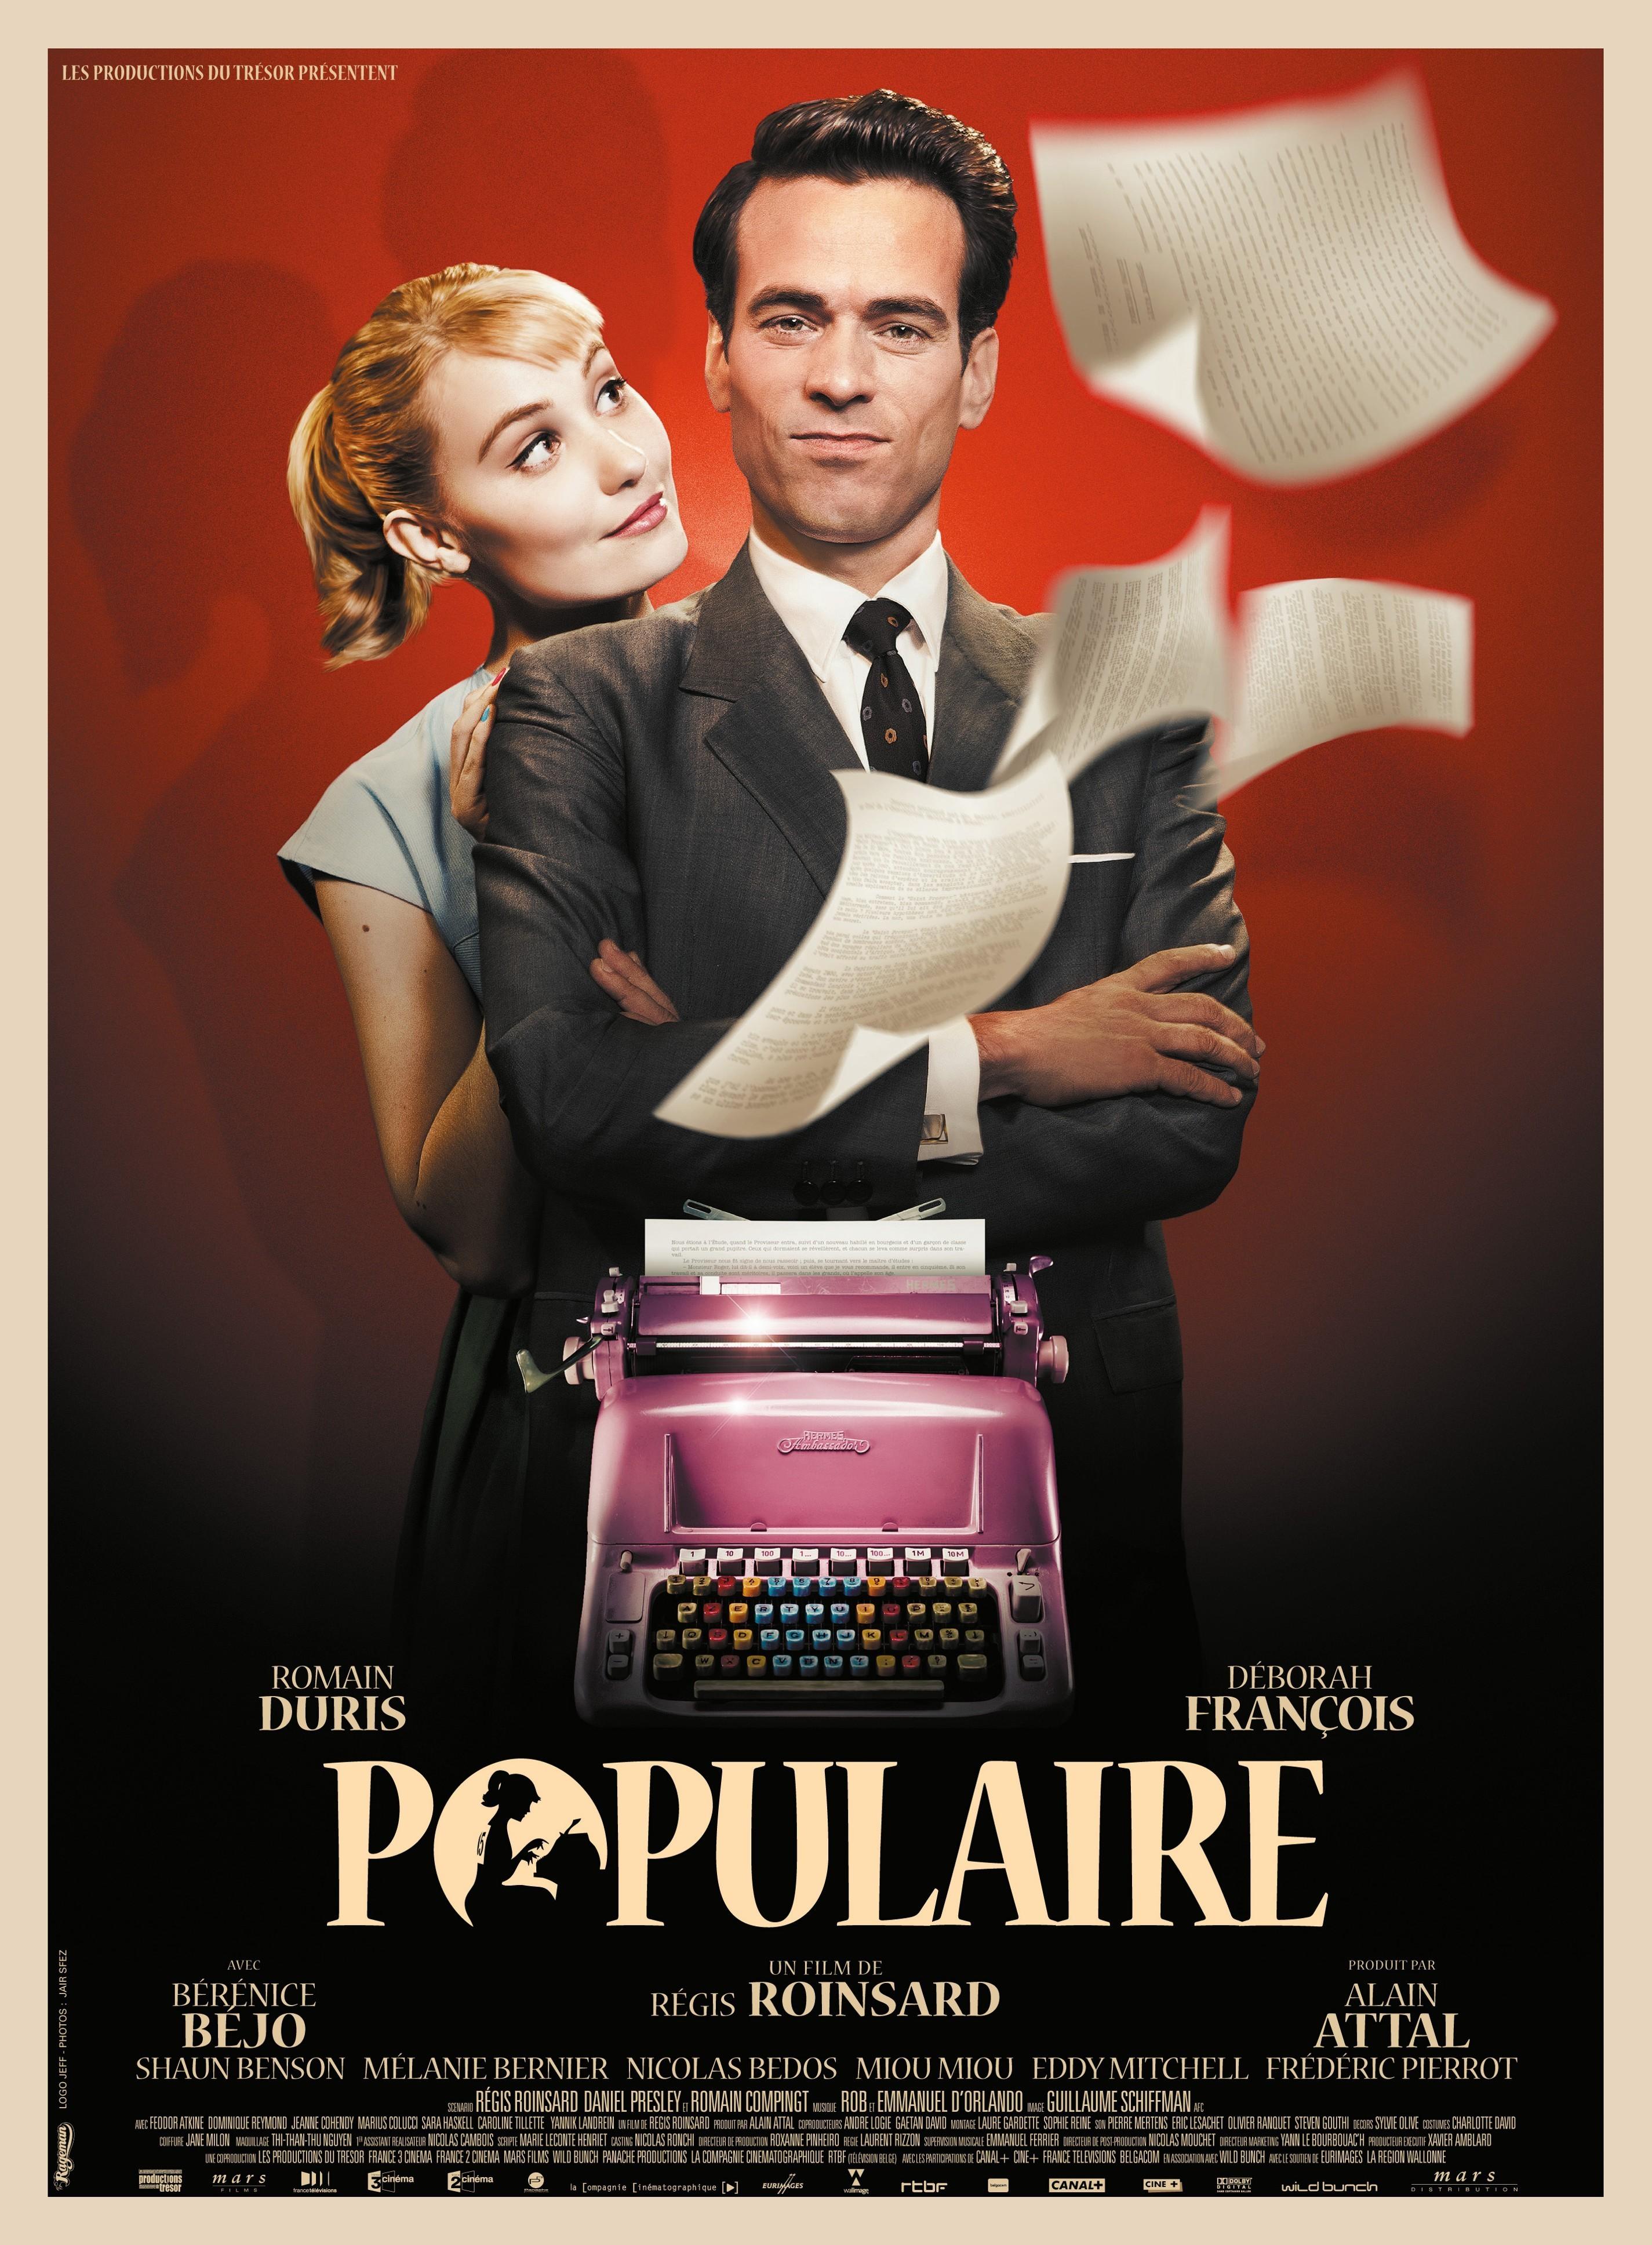 affiche du film Populaire